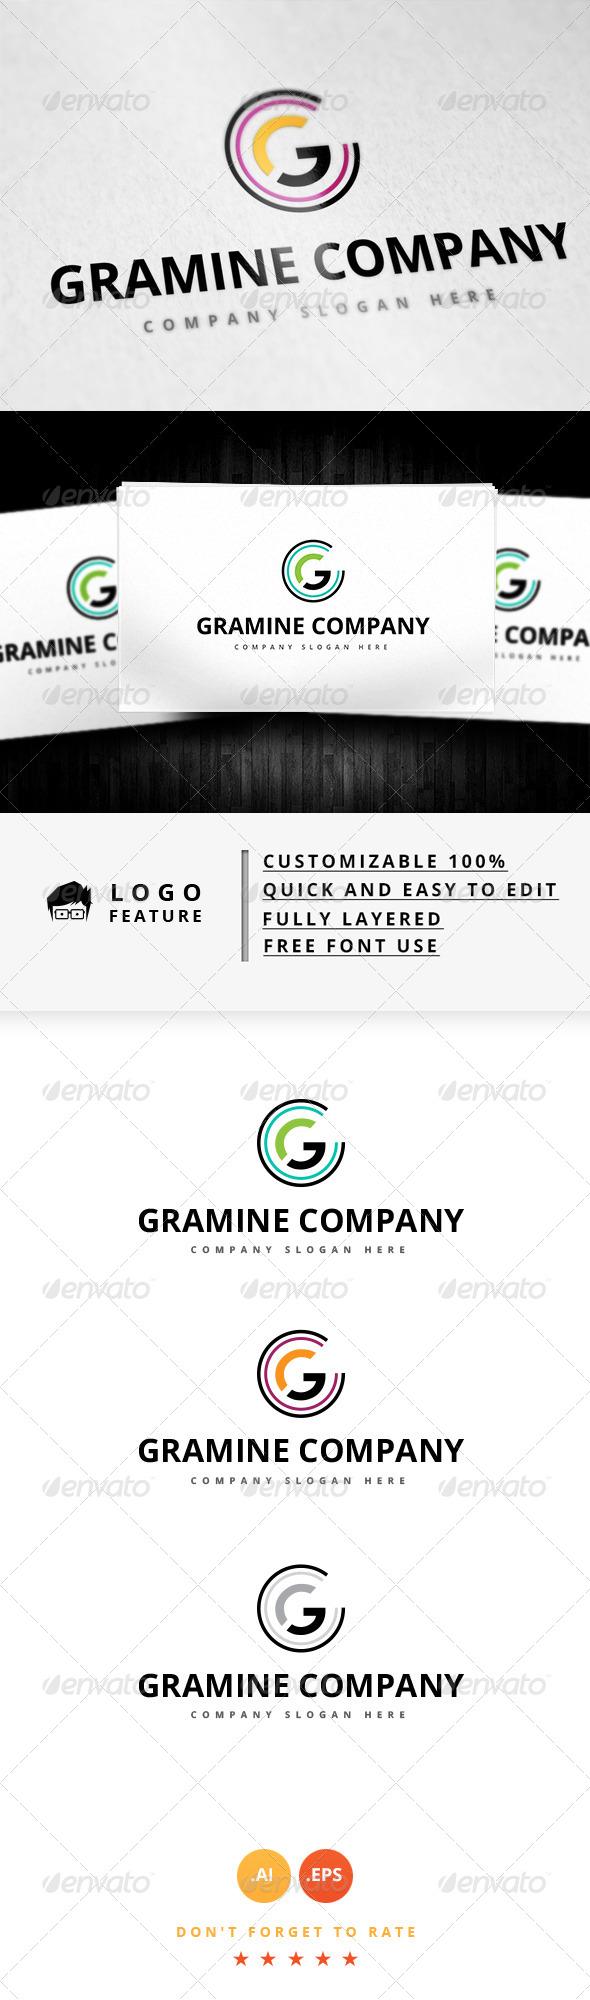 GraphicRiver Gramine Company Logo 8279011